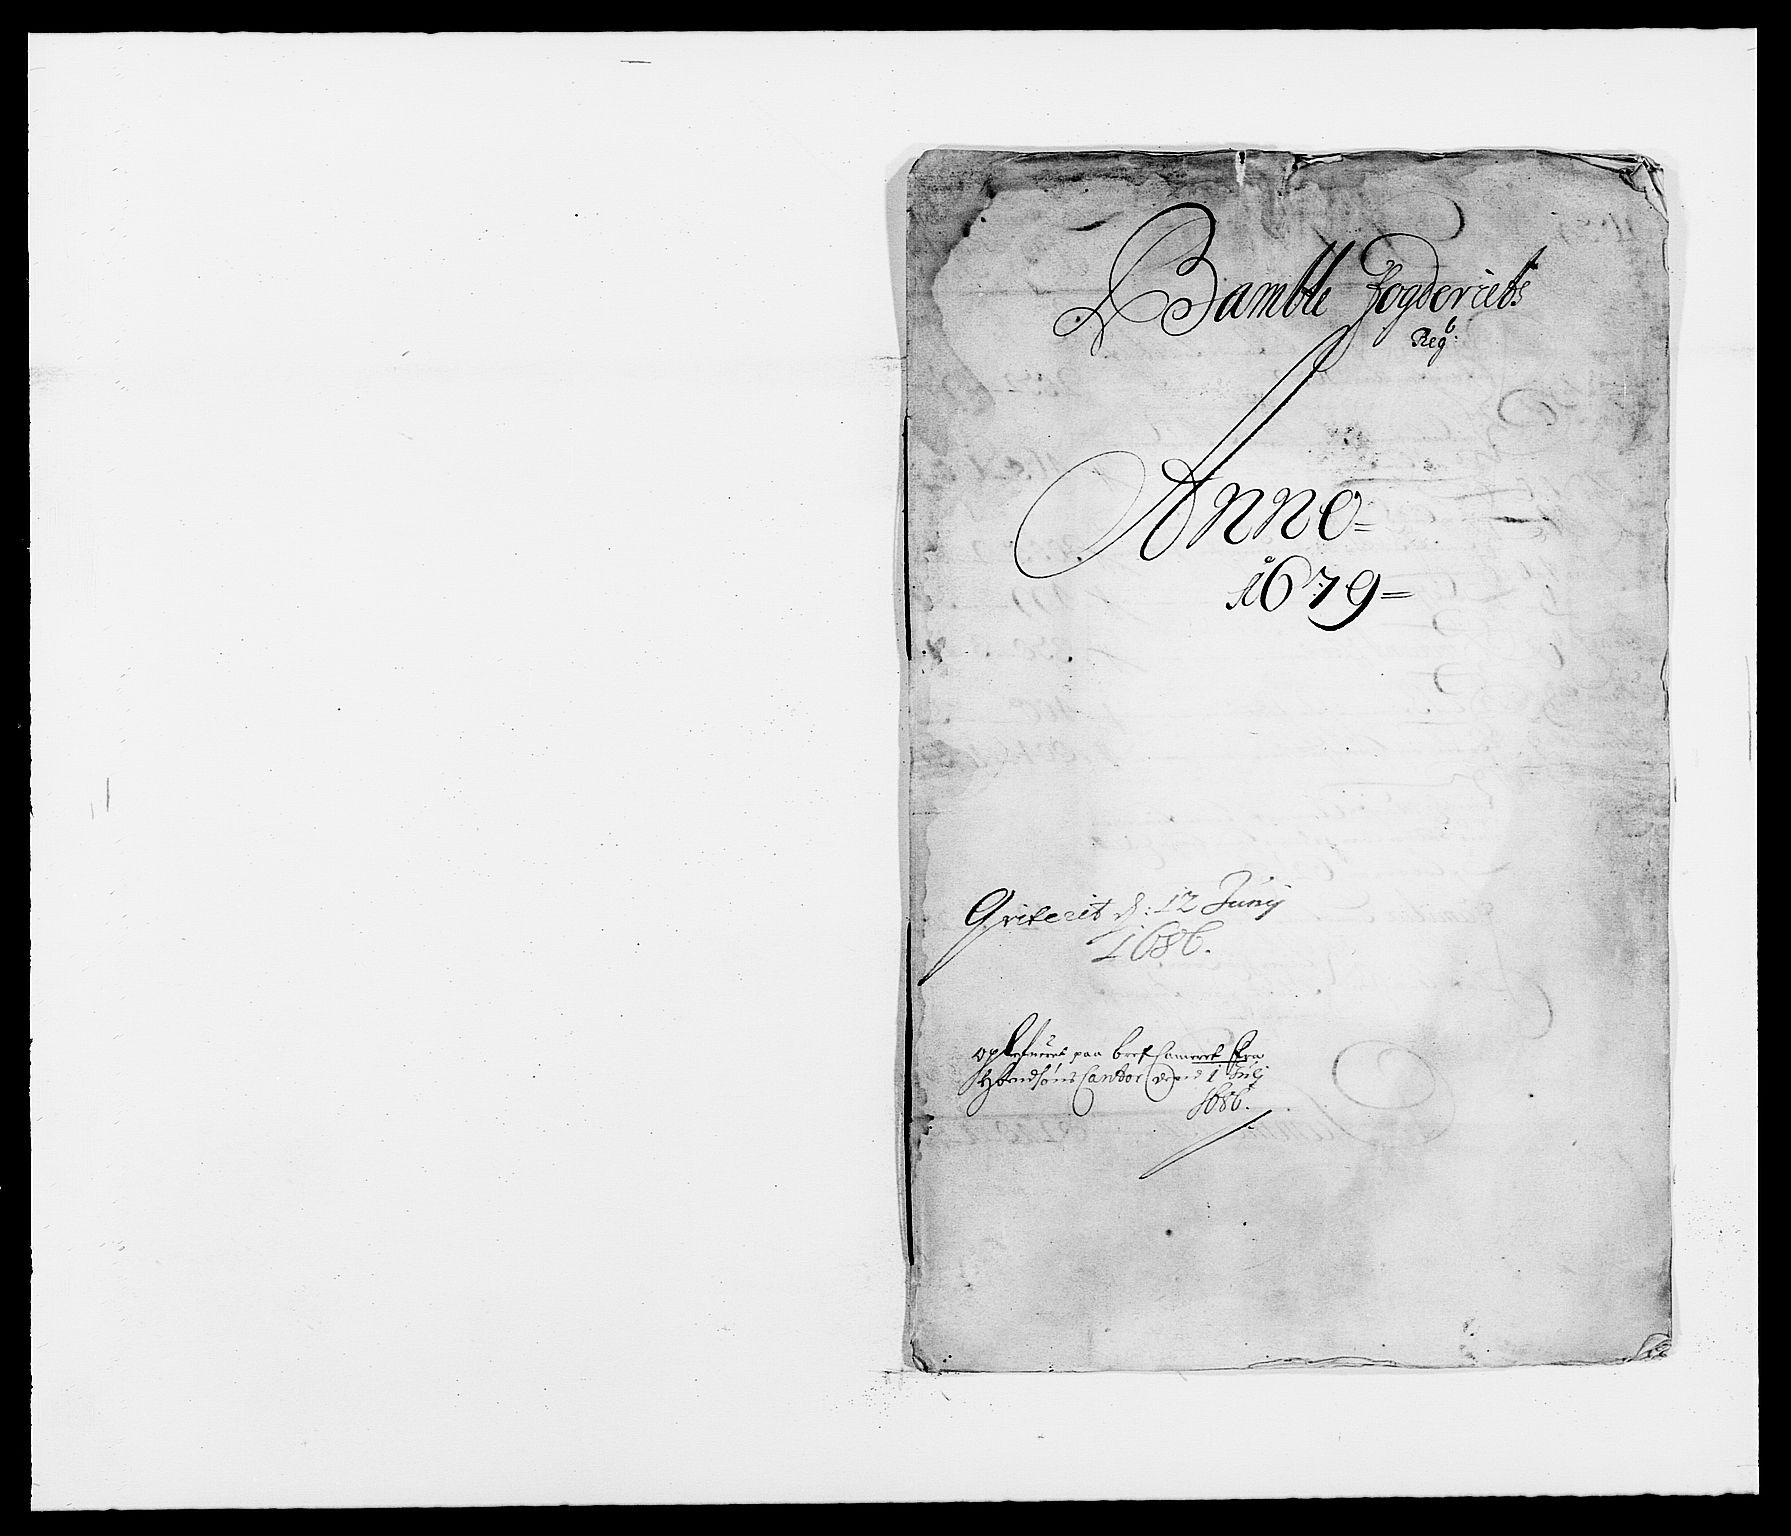 RA, Rentekammeret inntil 1814, Reviderte regnskaper, Fogderegnskap, R34/L2044: Fogderegnskap Bamble, 1678-1679, s. 233